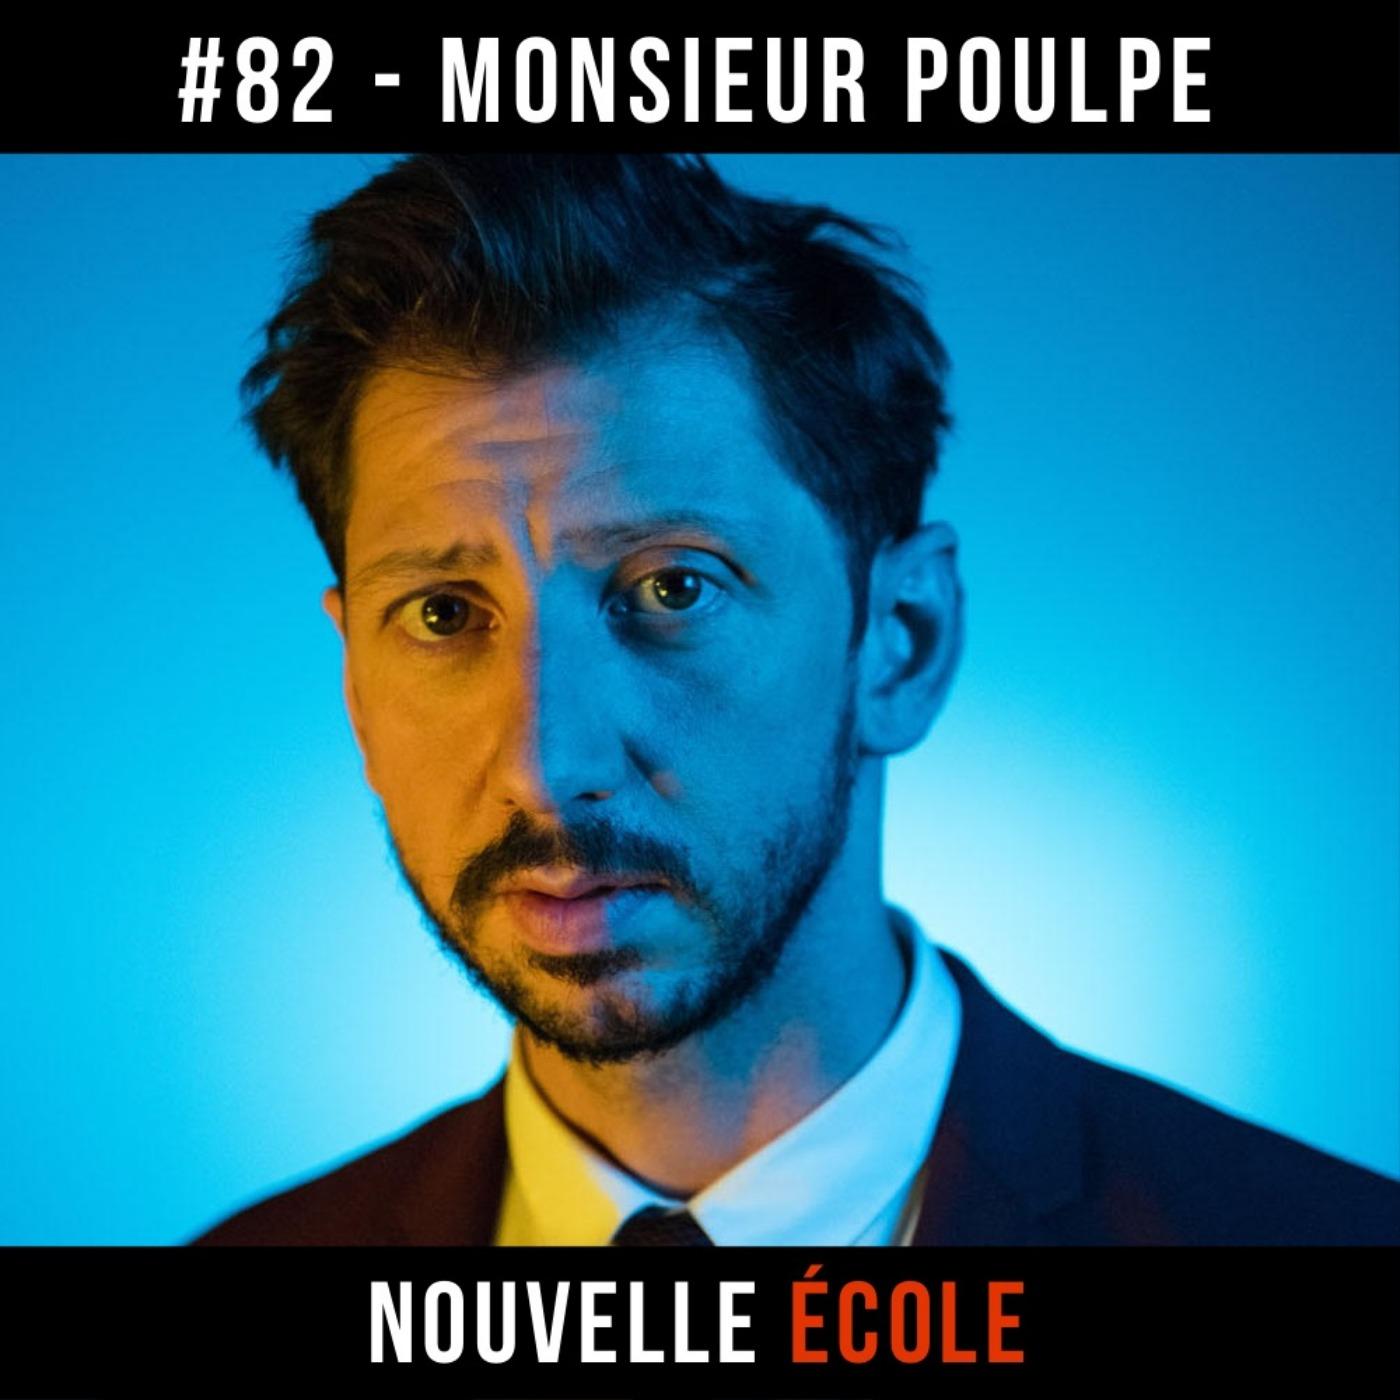 #82 - Monsieur Poulpe : Tout le monde est artiste